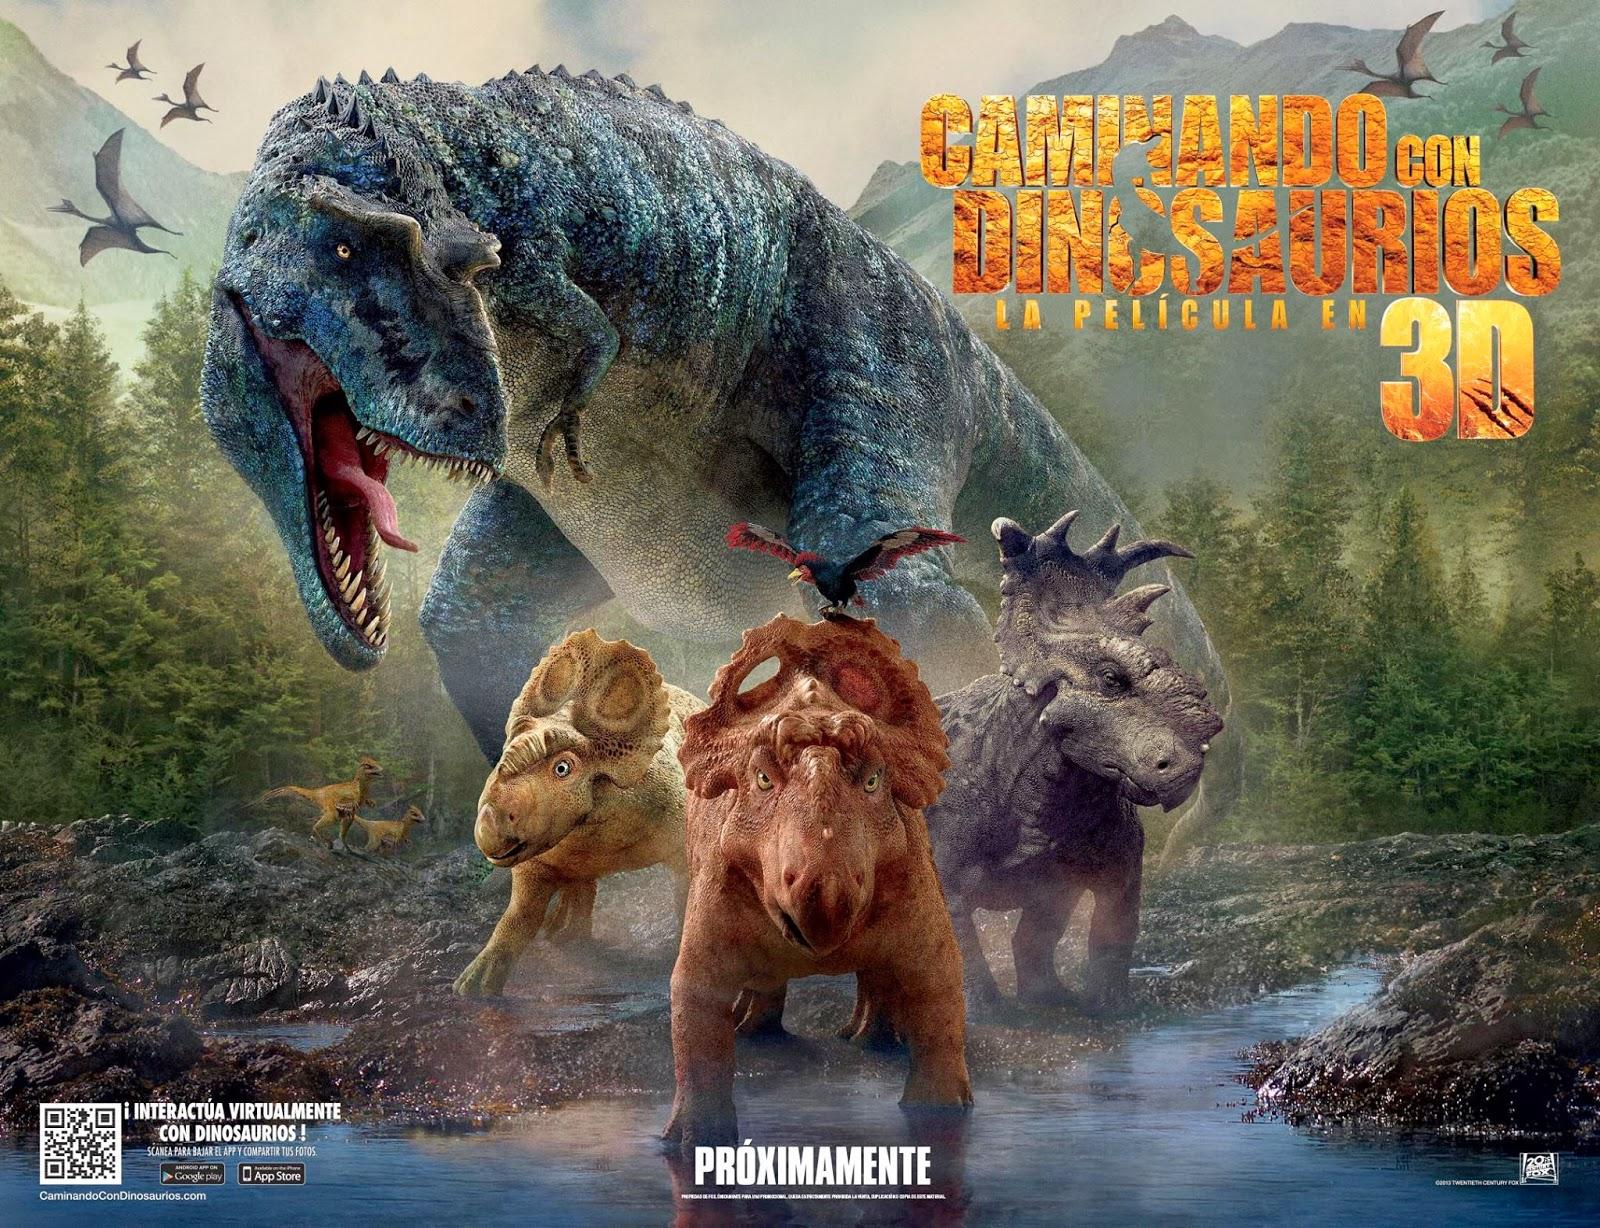 Walking With Dinosaurs 3d Wallpaper Nuevo Banner Oficial Para Latinoam 233 Rica De Caminando Con